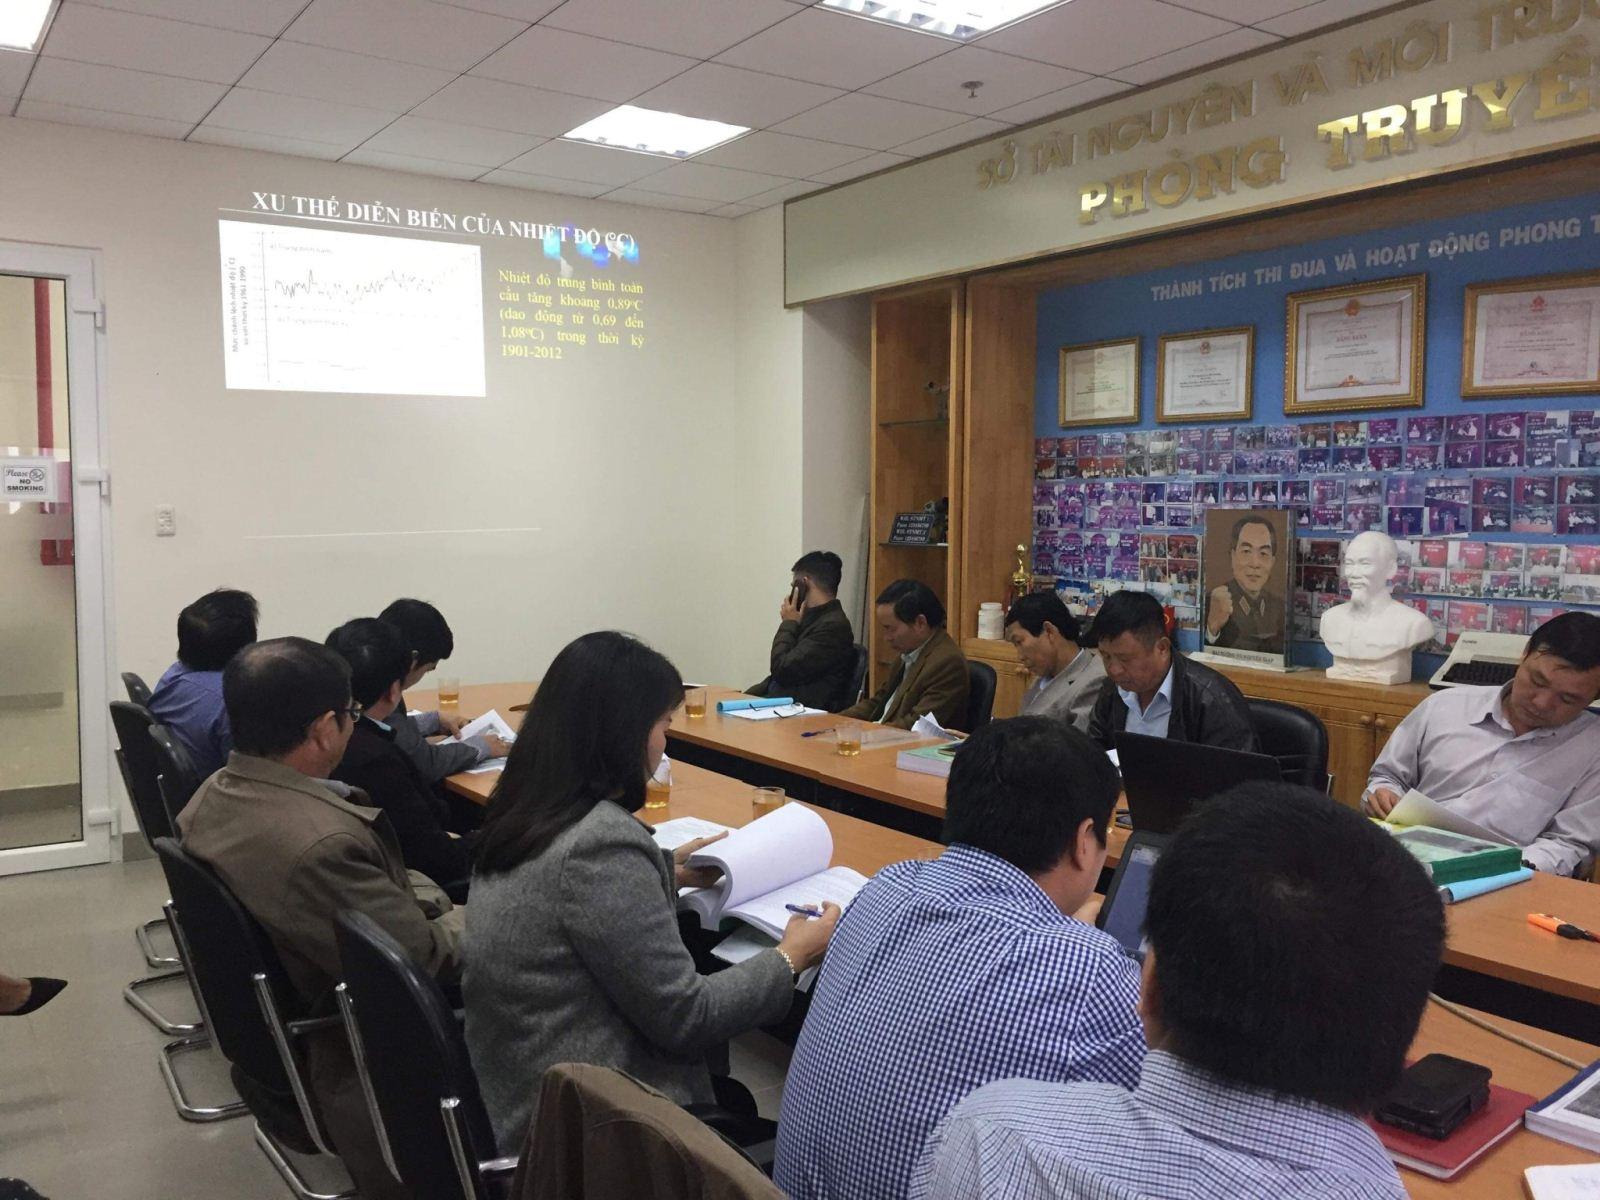 Phiên họp góp ý báo cáo Kế hoạch hành động ứng phó biến đổi khí hậu giai đoạn 2021-2030 tầm nhìn 2050 trên địa bàn tỉnh Lâm Đồng